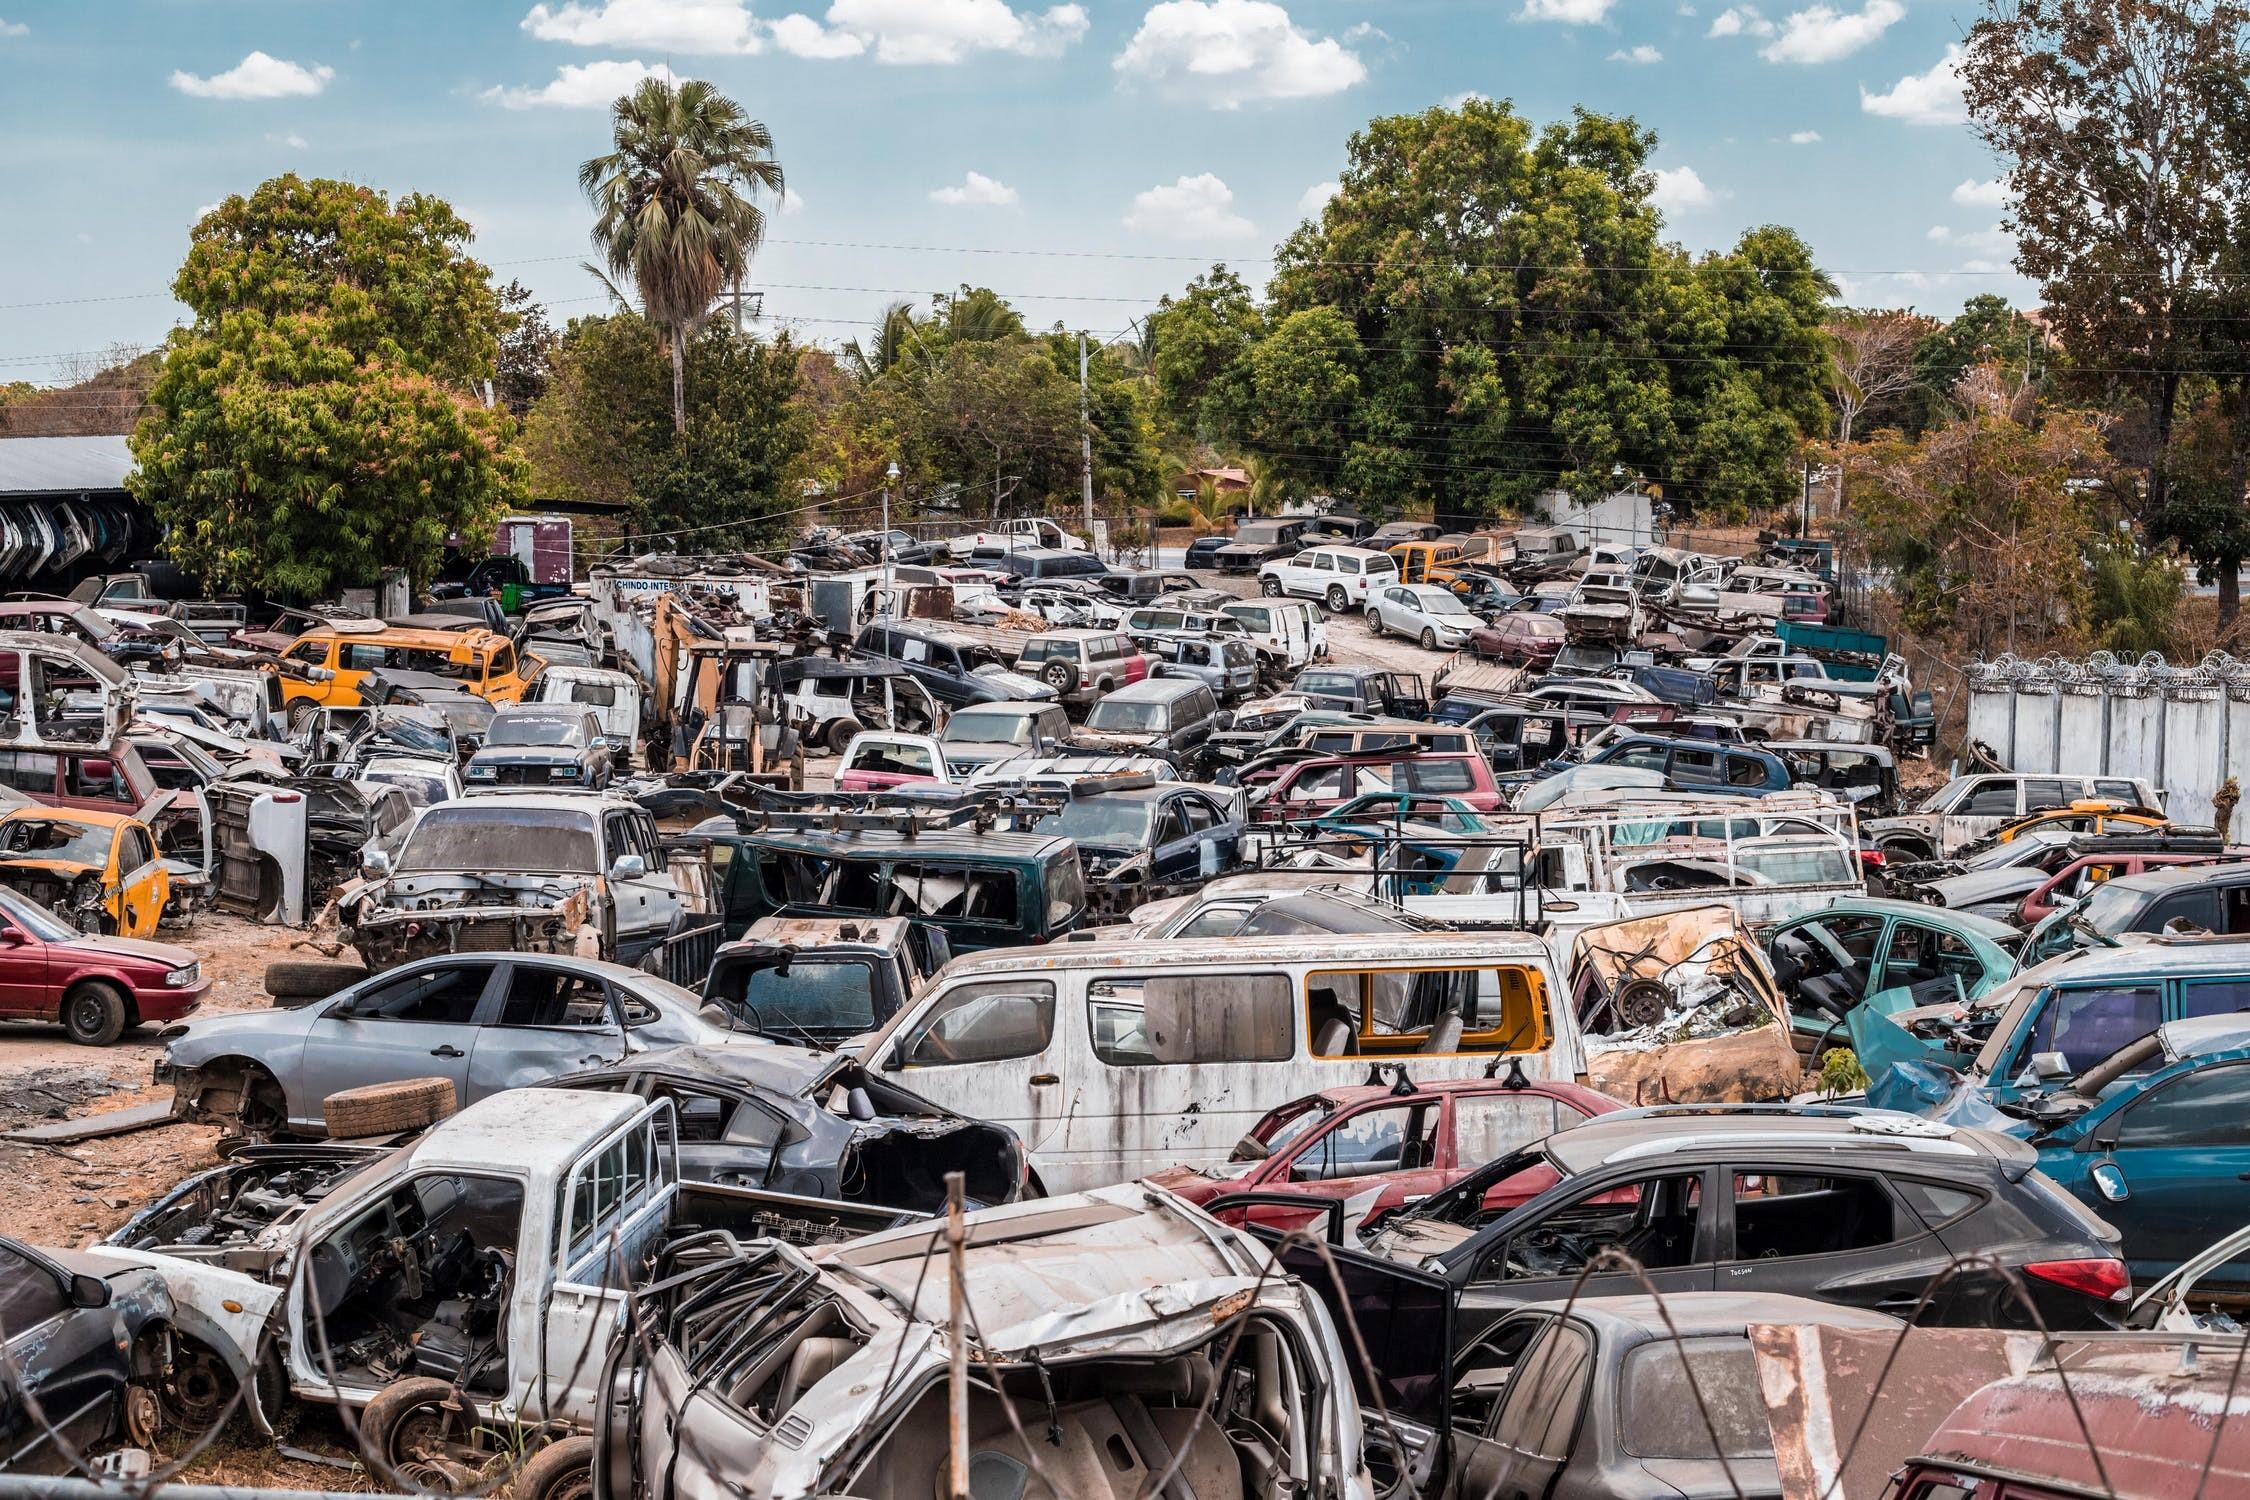 Assorted scrap cars parked in a junkyard